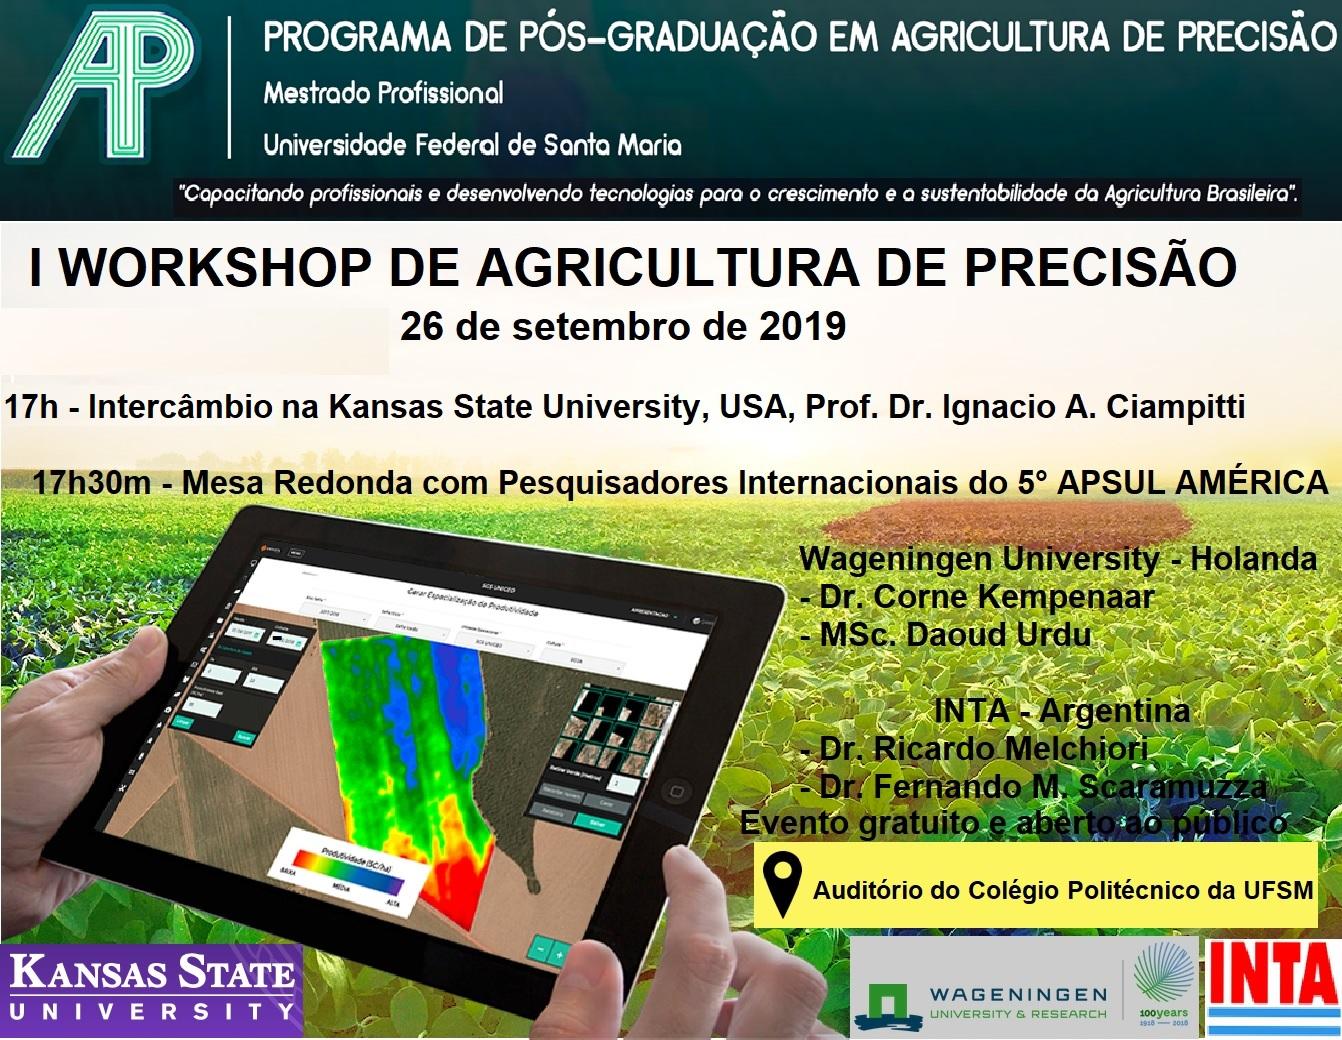 Arte colorida horizontal com informações e programa do evento sobre uma foto de lavoura e um ipad com imagem de satélite